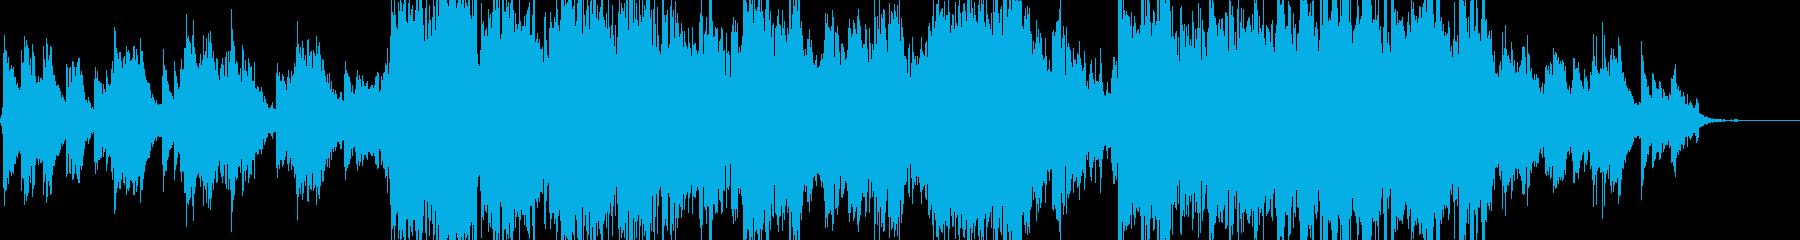 キラキラした新しい一日がはじまるBGMの再生済みの波形